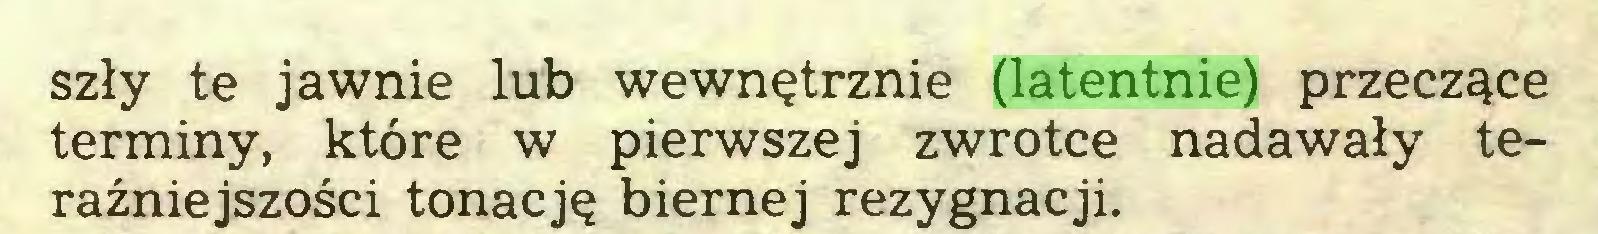 (...) szły te jawnie lub wewnętrznie (latentnie) przeczące terminy, które w pierwszej zwrotce nadawały teraźniejszości tonację biernej rezygnacji...